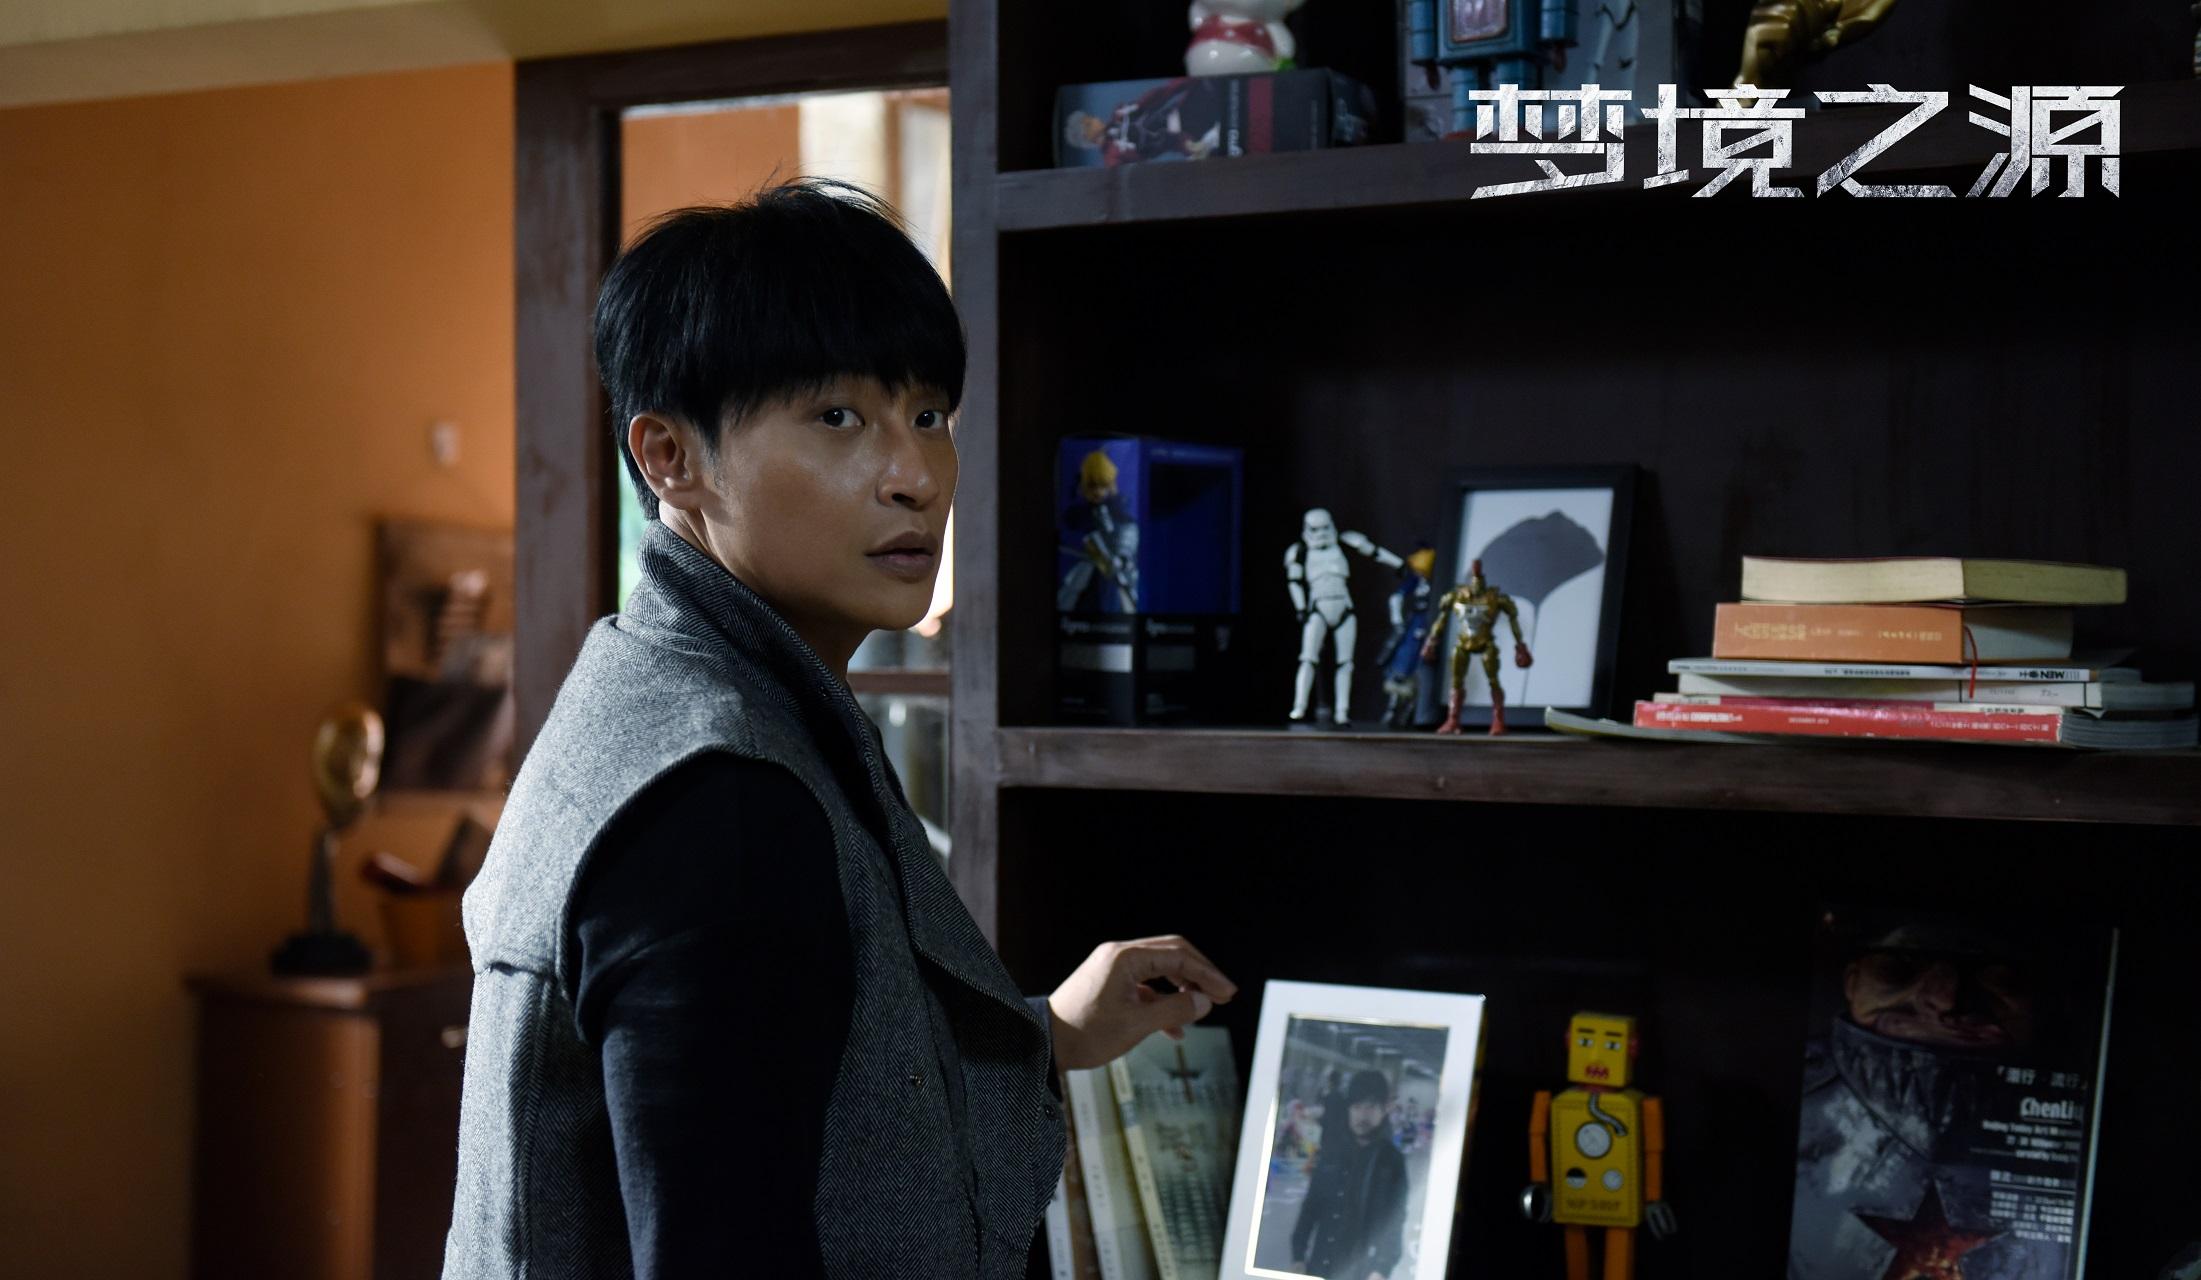 陈志朋电影《梦境之源》定档万圣节